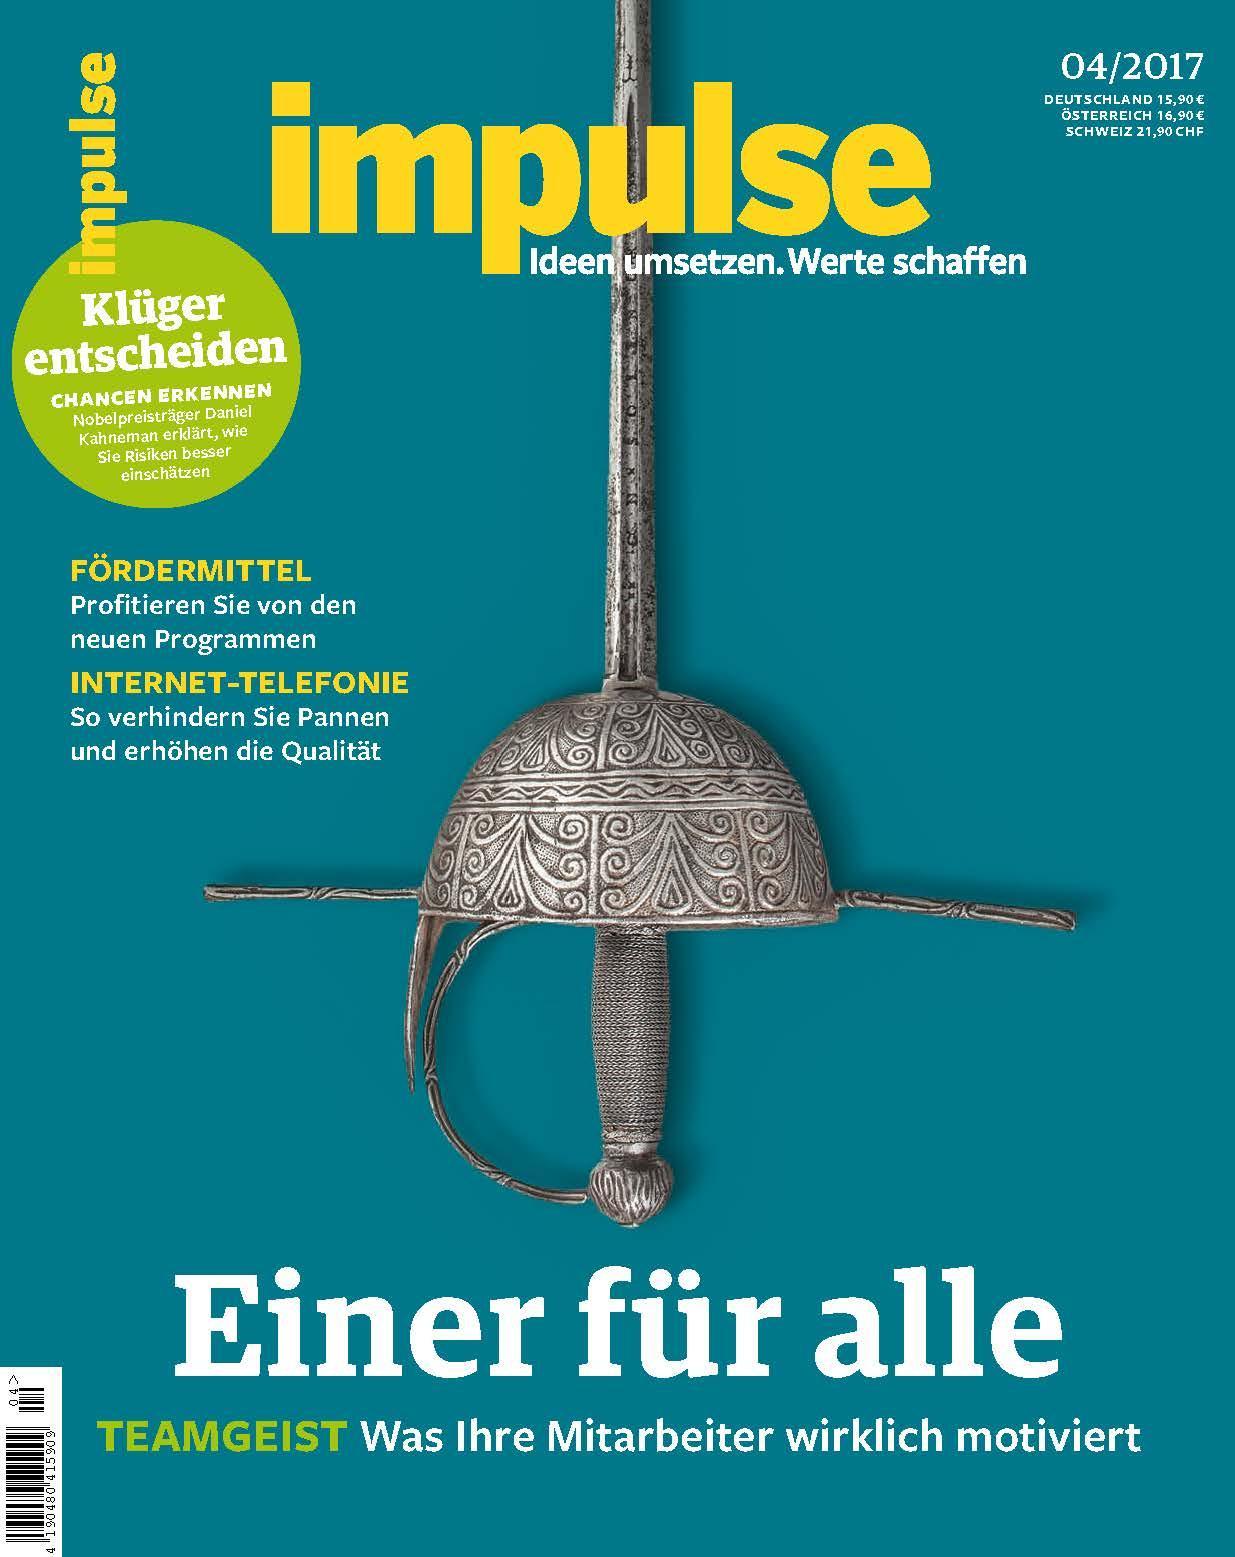 Cover impulse 04 2017